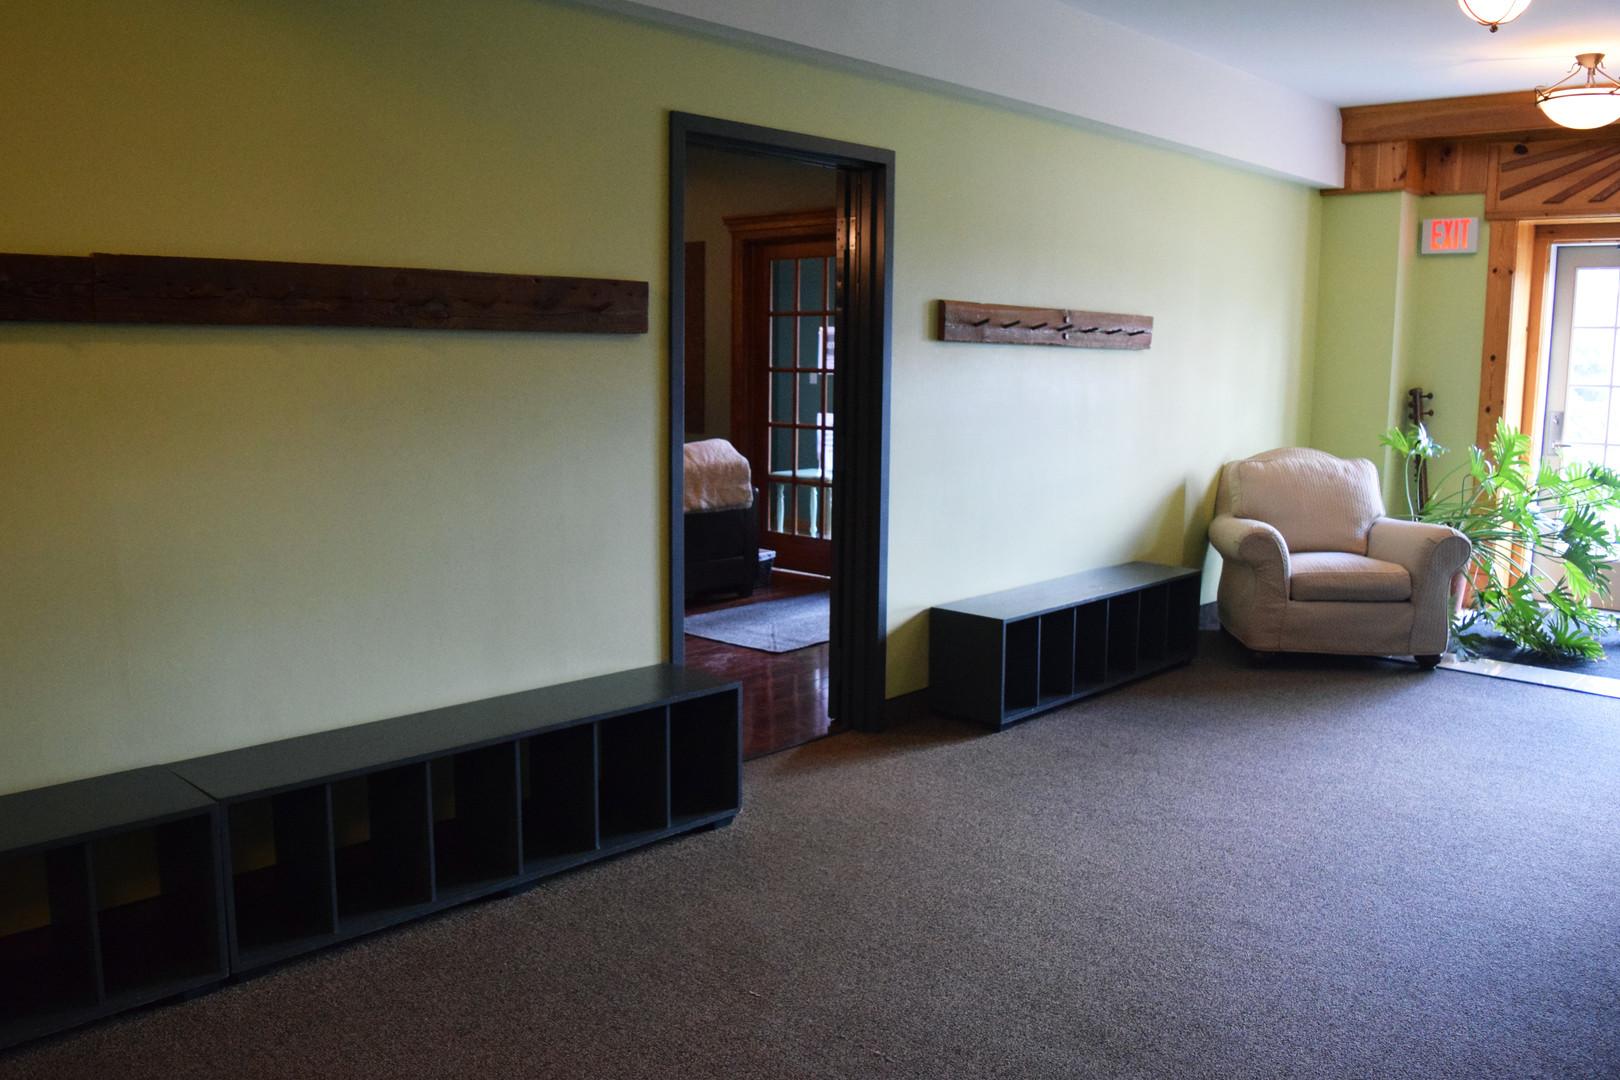 Hallway to rooms 2 & 3